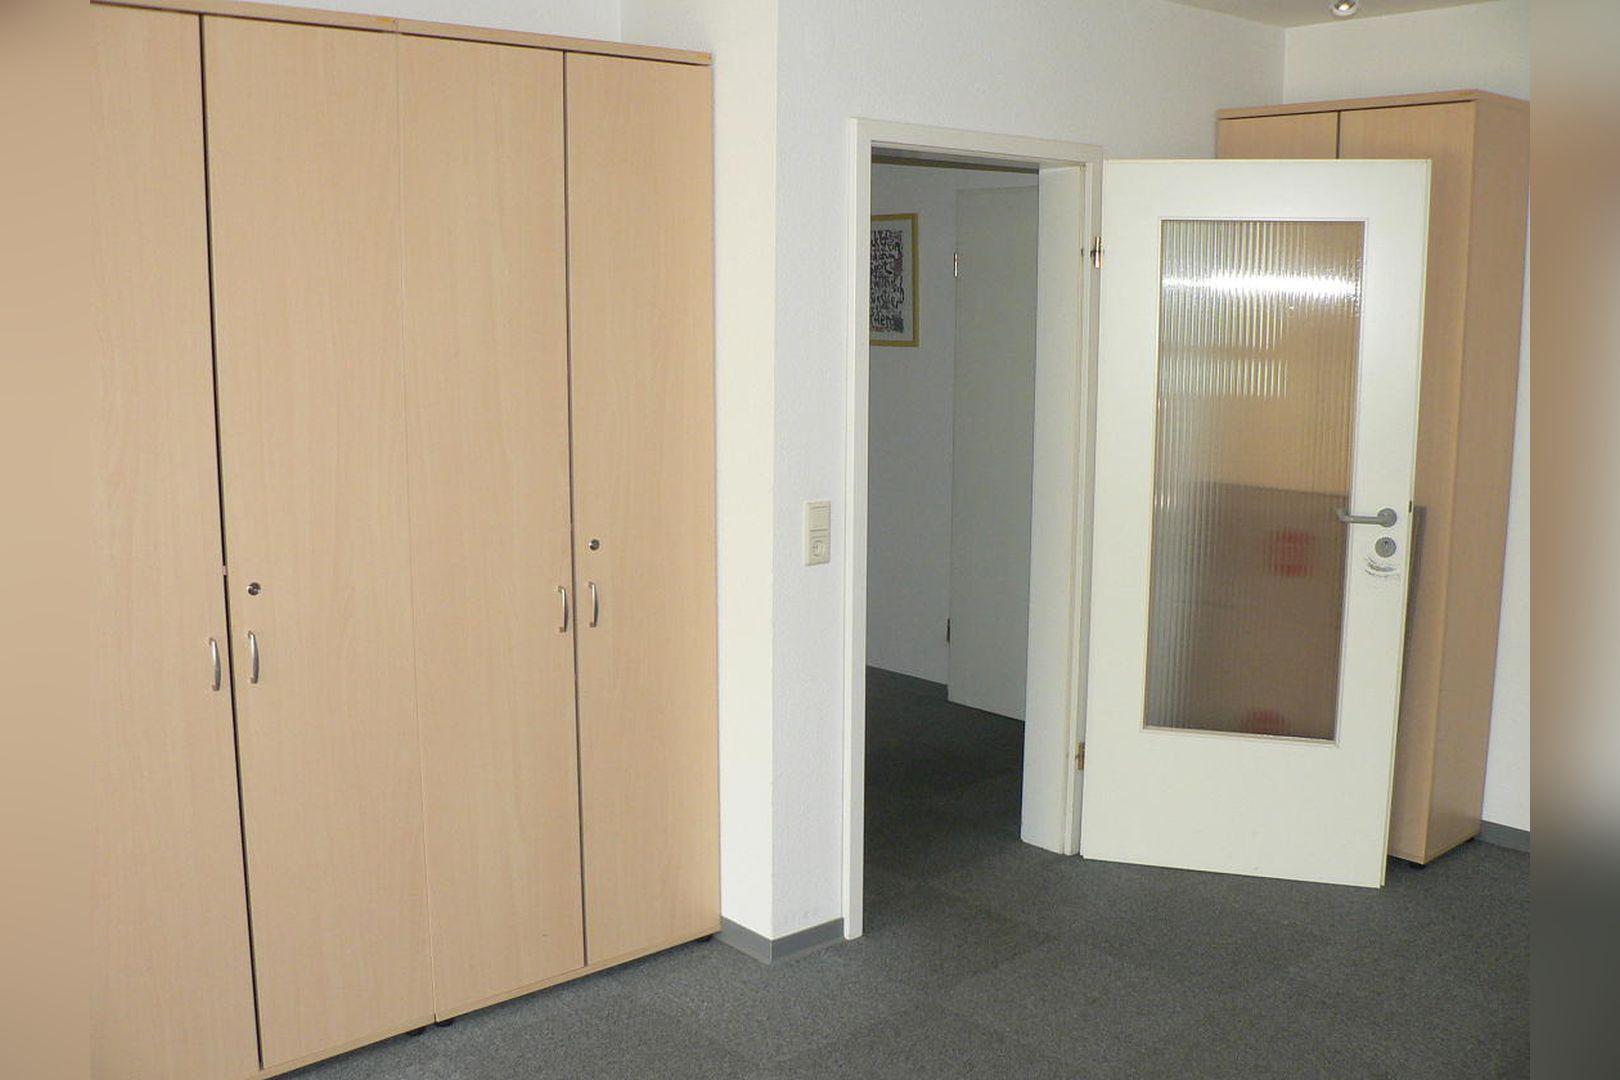 Immobilie Nr.0234 - 1 - Raum - Bürofläche mit Aktenkeller und Balkon - Bild 5.jpg